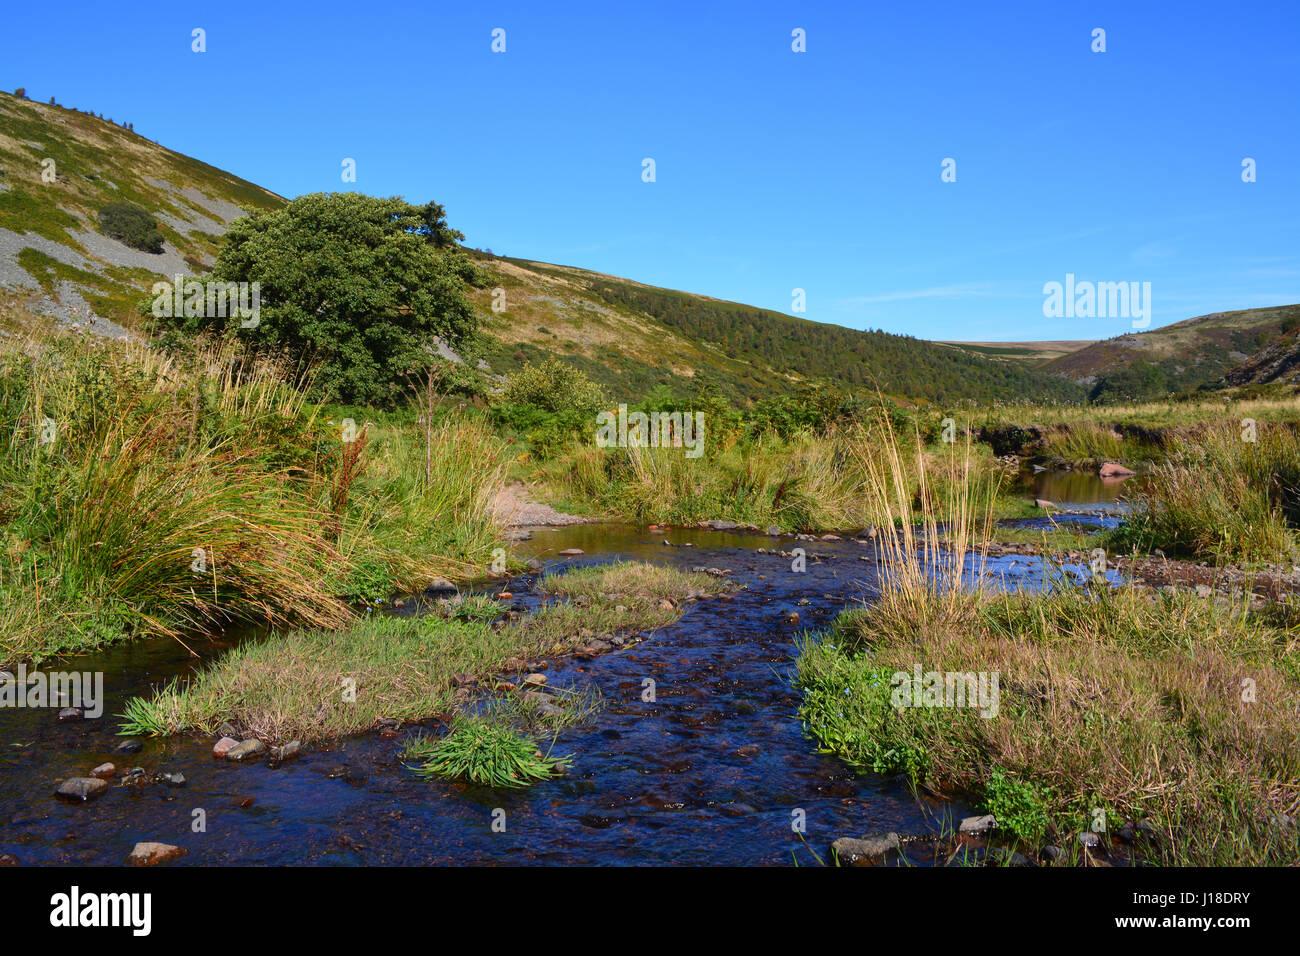 River Breamish, Ingram Valley, Northumberlan - Stock Image